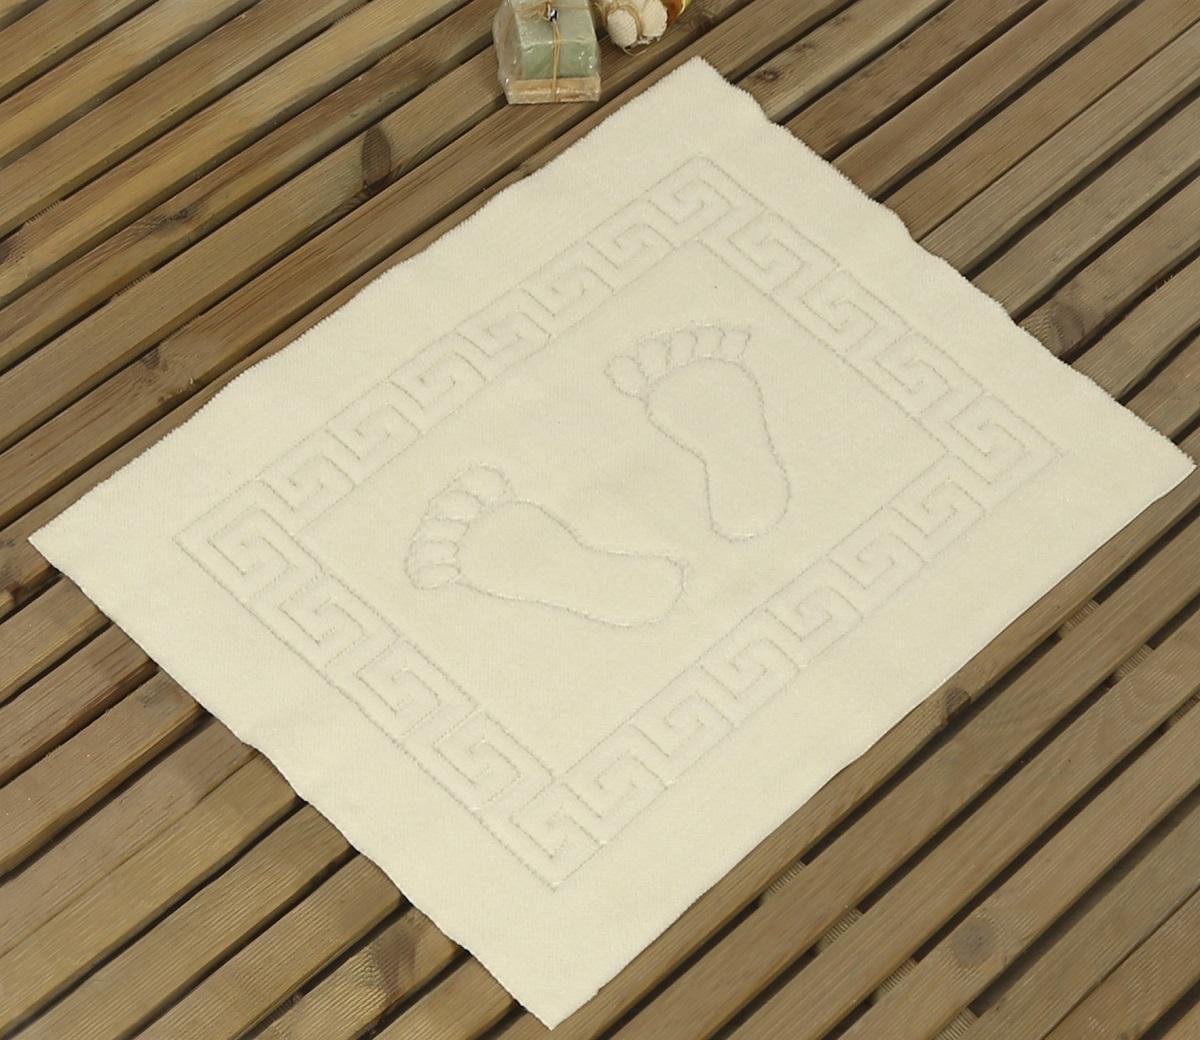 Коврик для ванной Karna Likya , цвет: кремовый, 50 х 70 см631/CHAR008Коврик Karna сделан из 100% полиэстера. Полиэстер является синтетическим волокном. Ткань, полностью изготовленная из полиэстера, даже после увлажнения, очень быстро сохнет. Изделия из полиэстера практически не требовательны к уходу и обладают высокой устойчивостью к износу. Изделия из полиэстера не мнутся и легко стираются, после стирки очень быстро высыхают. Материал очень прочный, за время использования не растягивается и не садится. А так же обладает высокой влагонепроницаемостью.